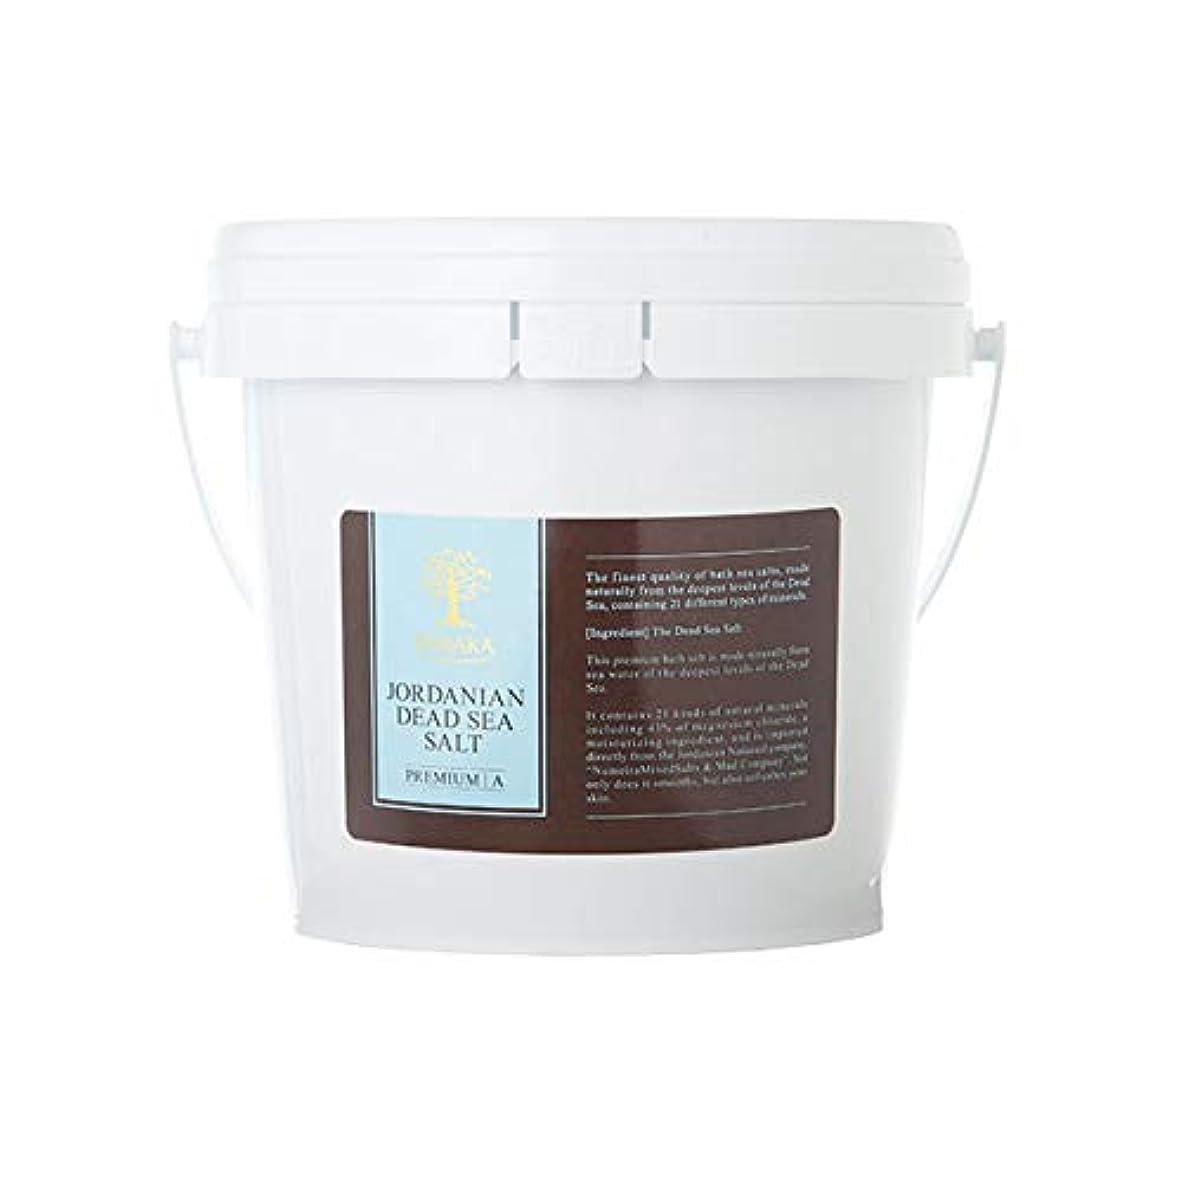 ジェムオン耐えるBARAKA(バラカ) ジョルダニアン デッドシー ソルト バケツ 1.5kg バスソルト 入浴剤 ヨルダン産死海塩100%